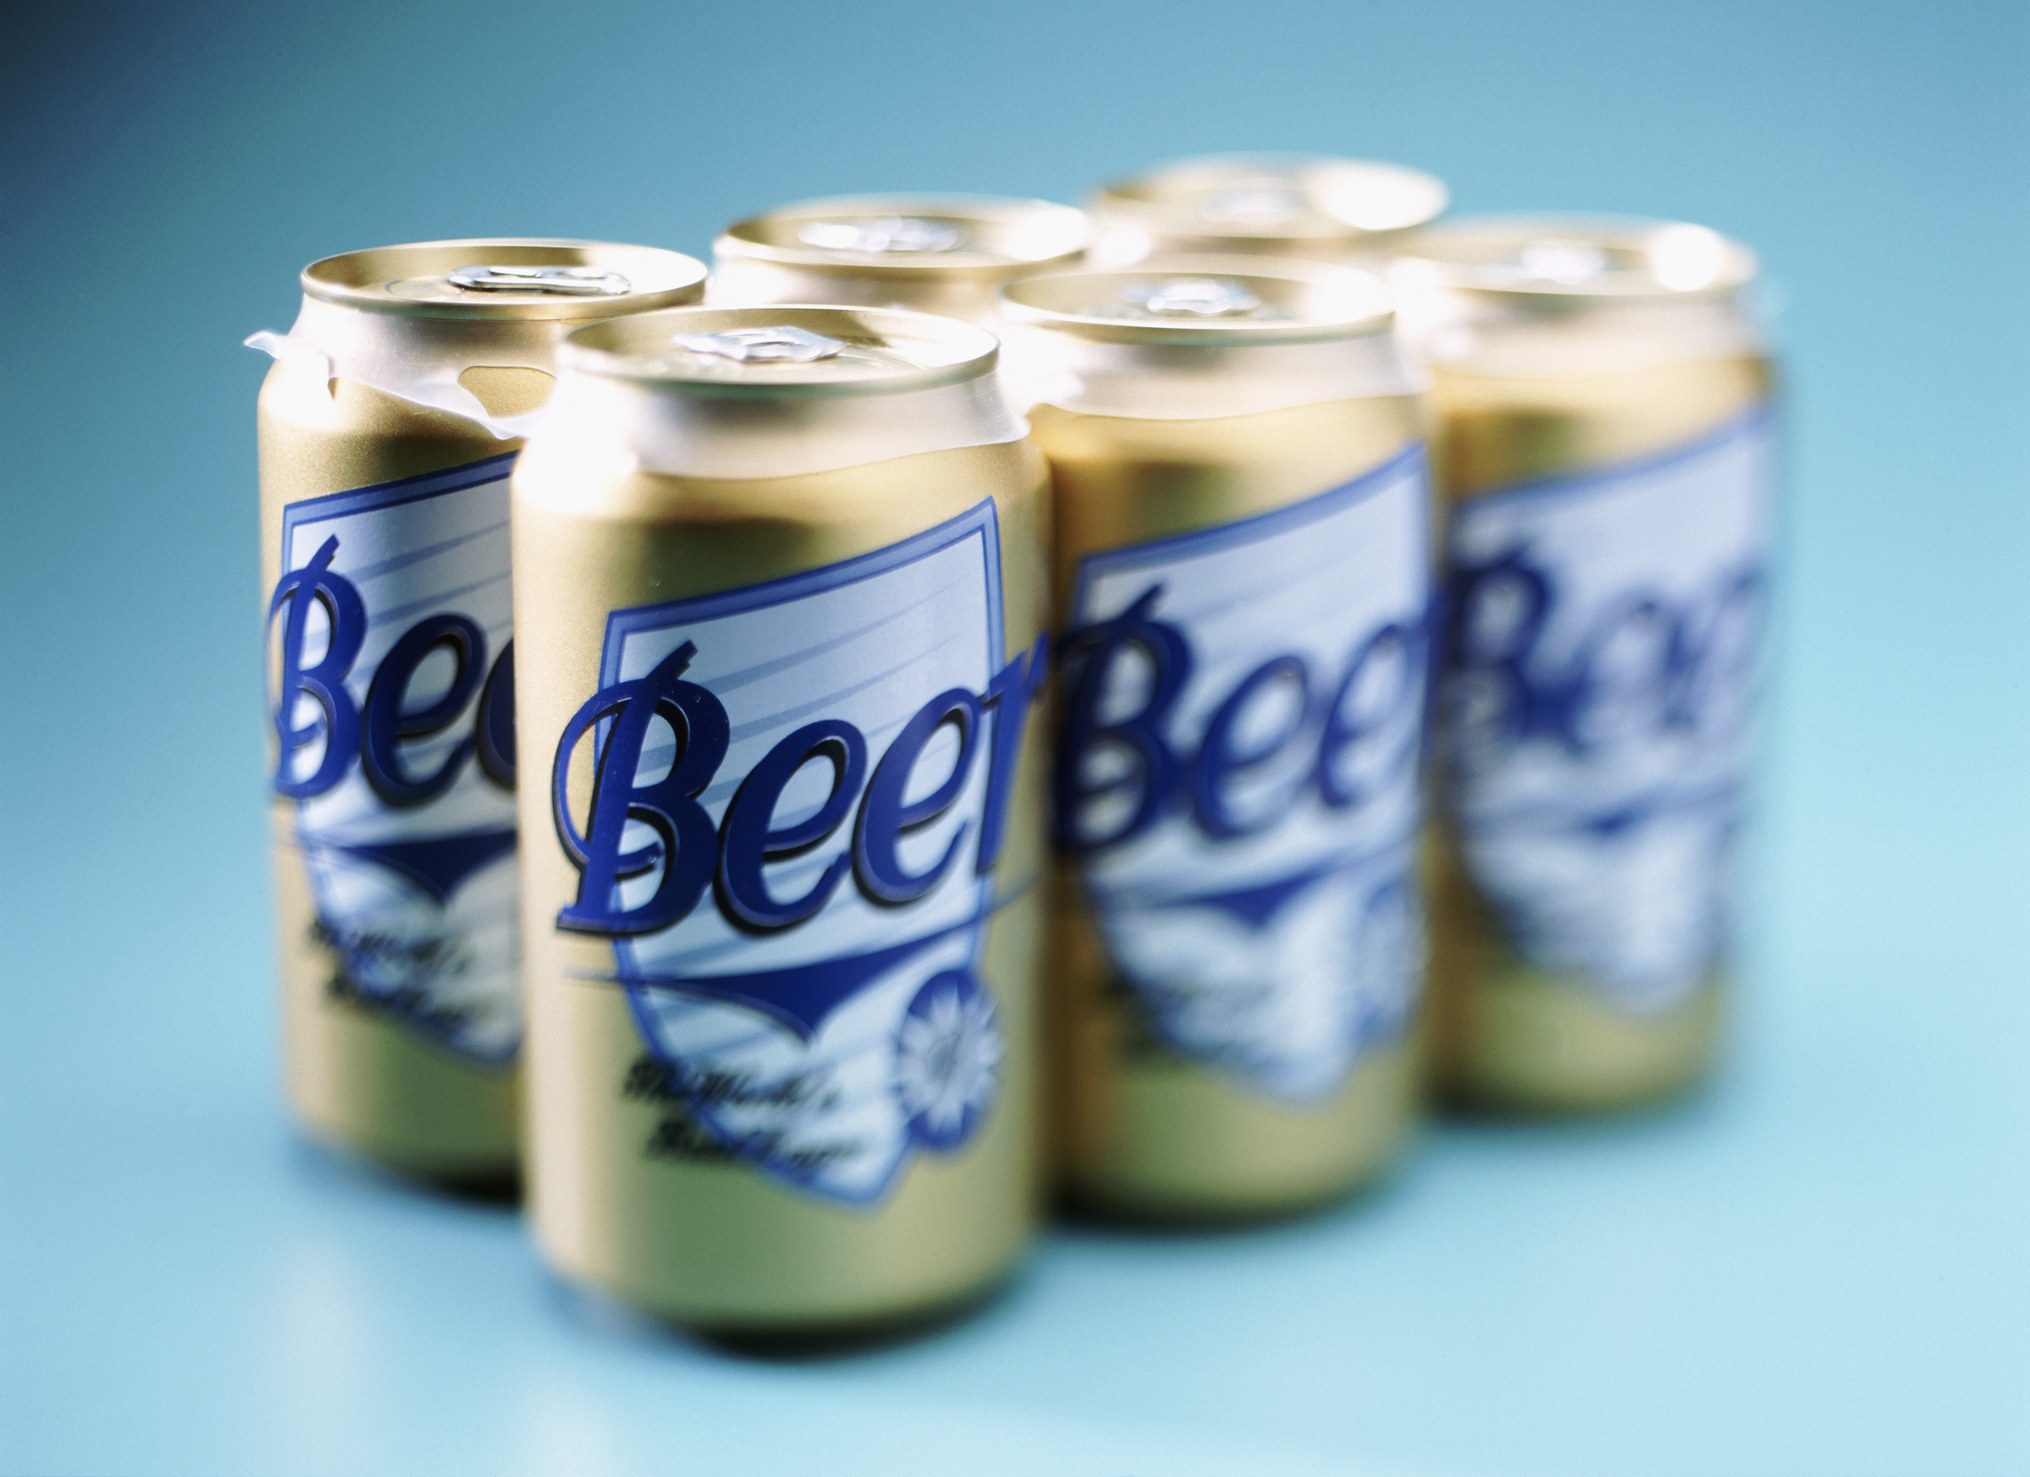 Generic beer stock photo